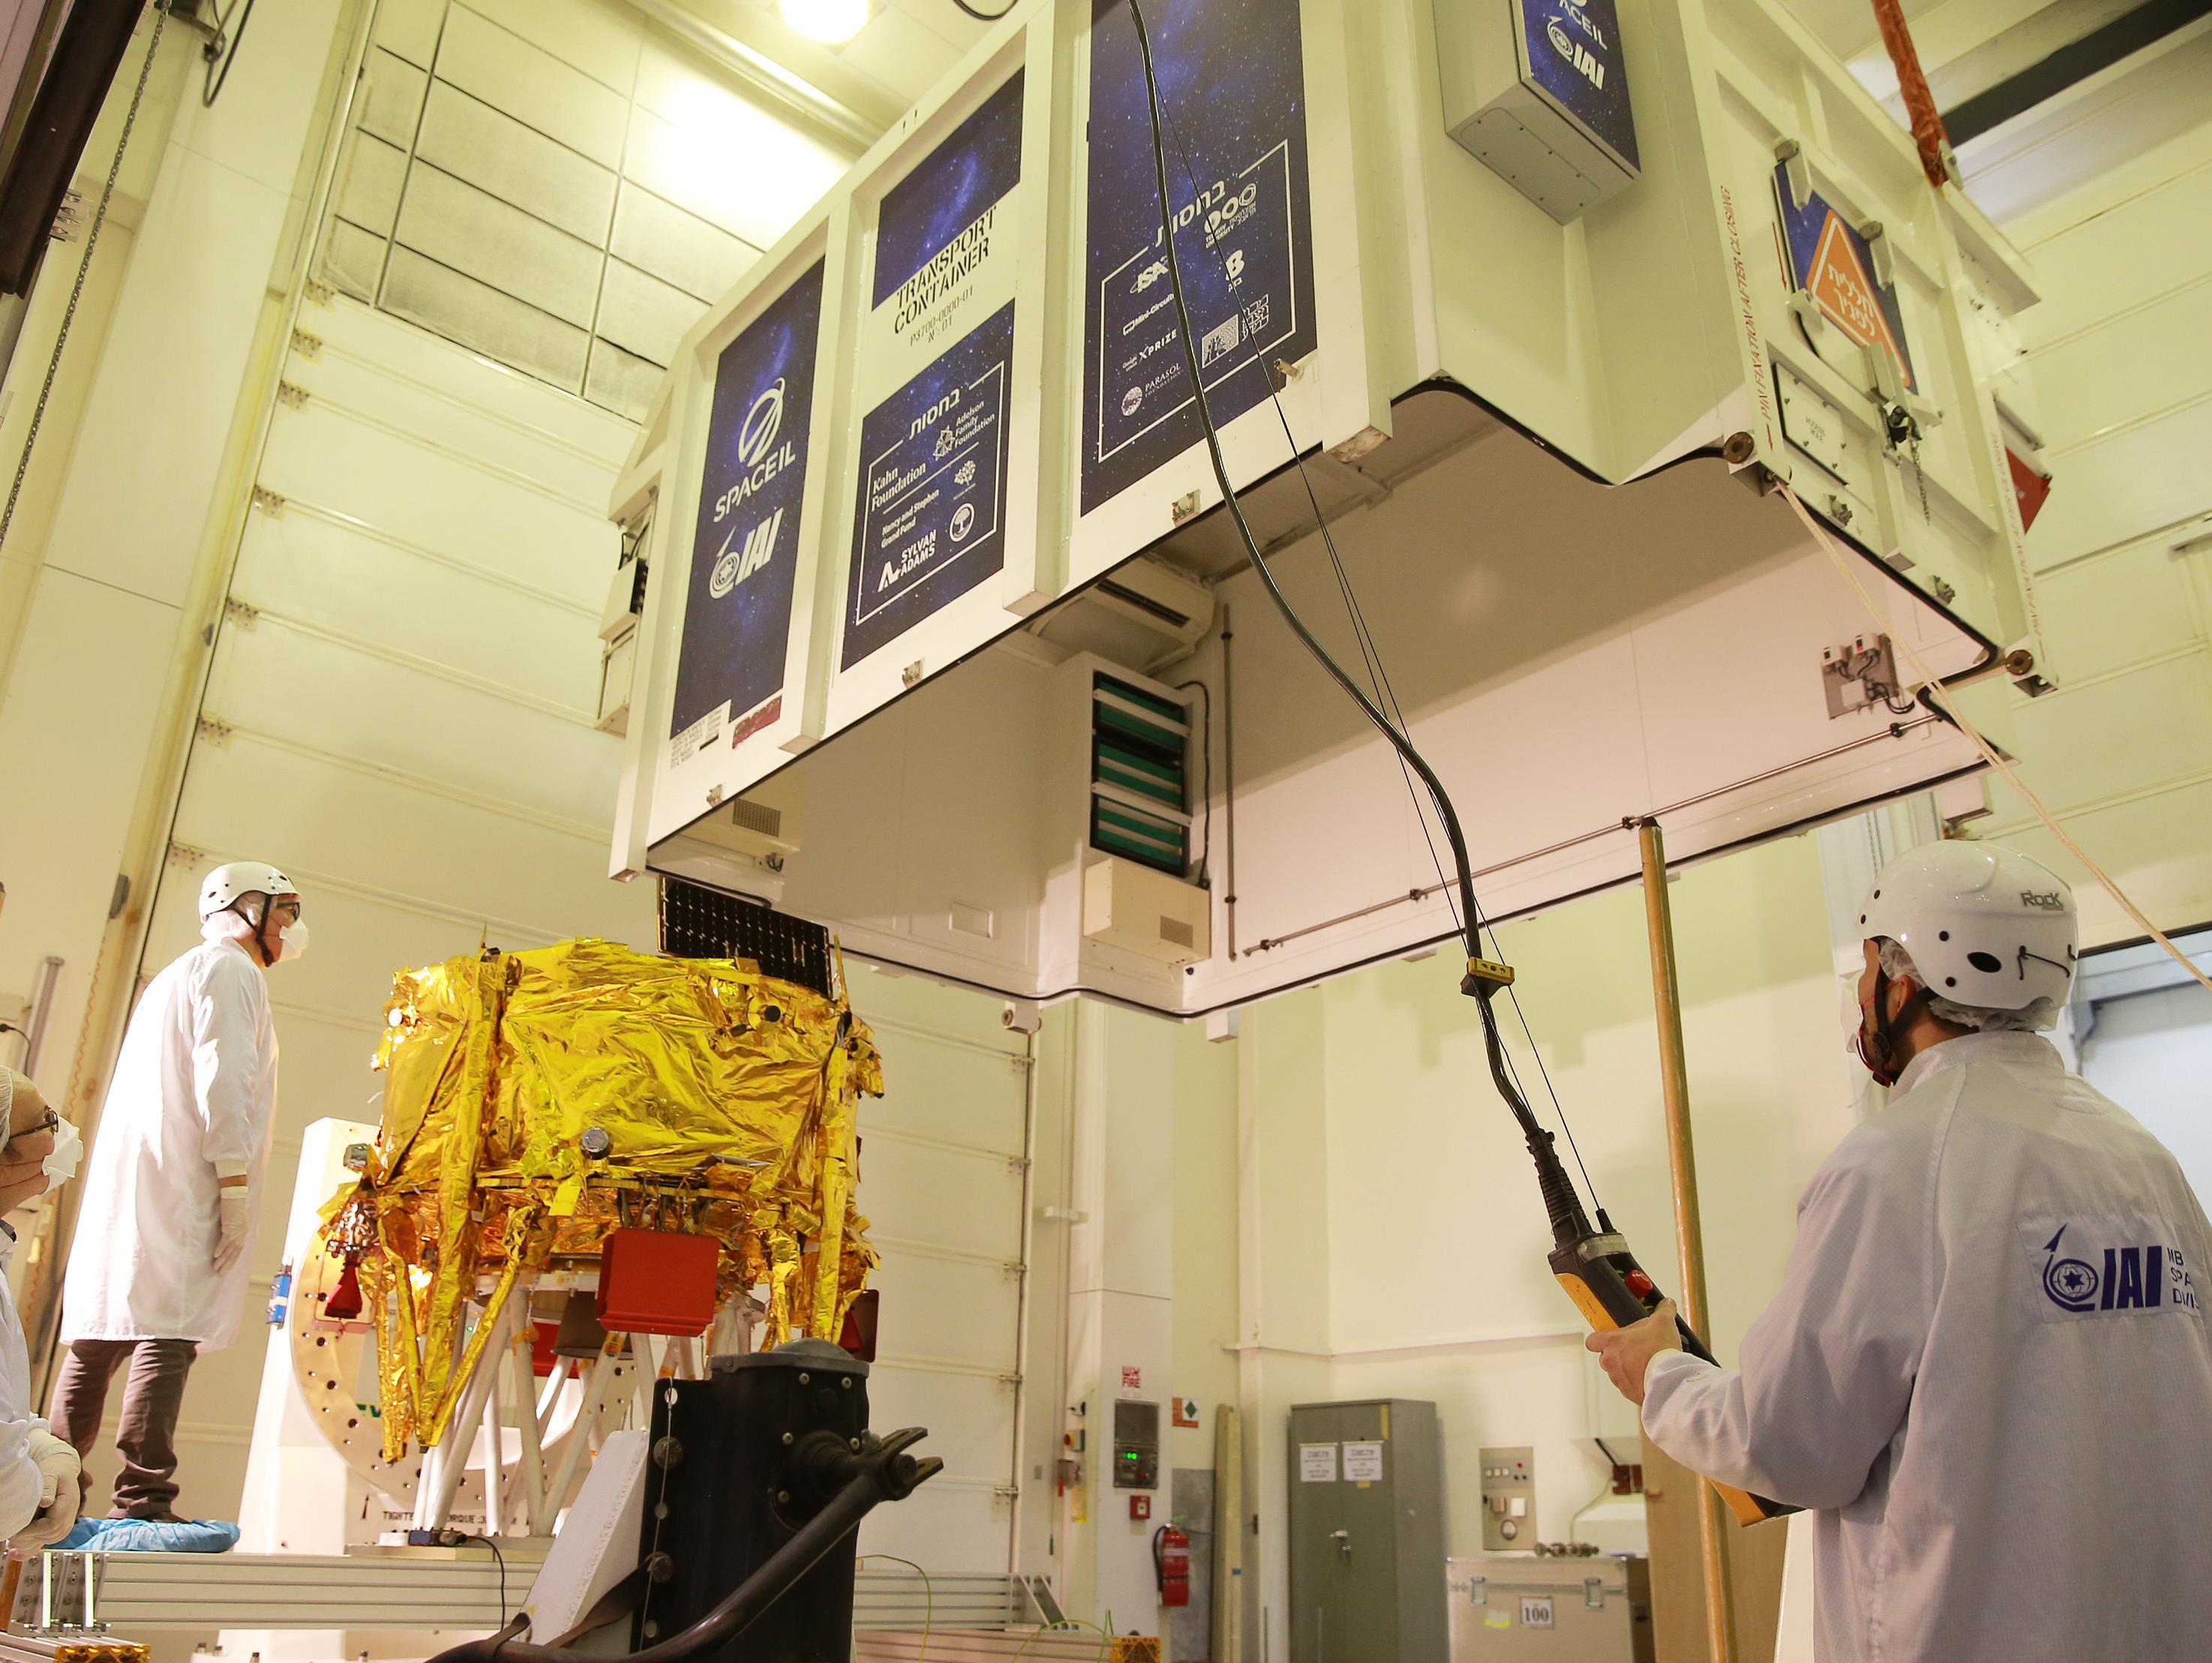 בדרך לירח: החללית של SpaceIL בדרך לאתר השיגור שבפלורידה